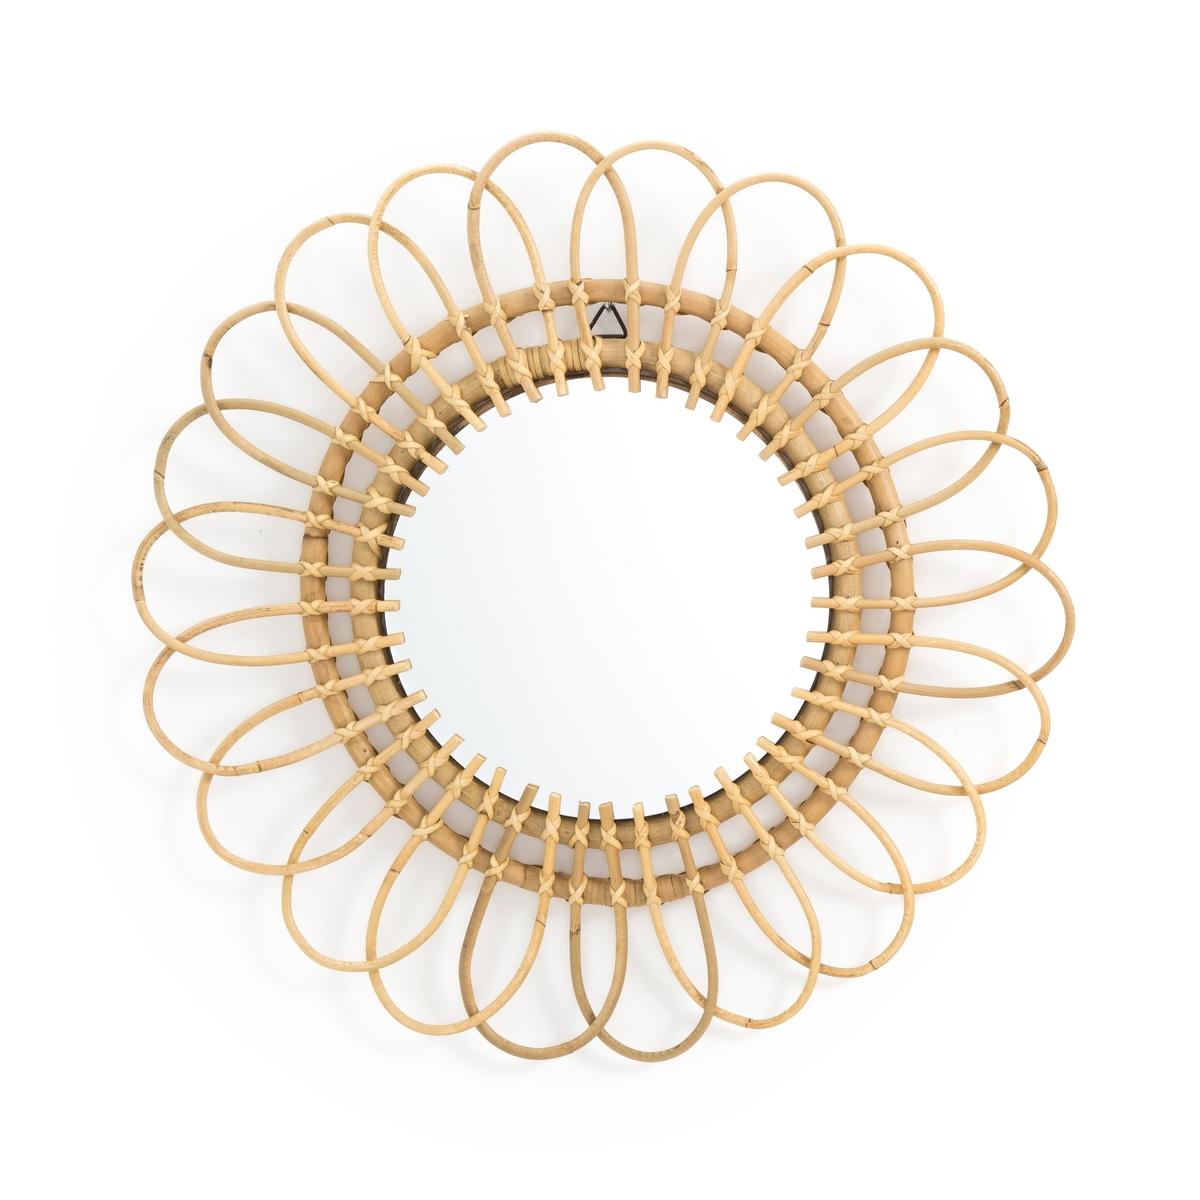 Зеркало LaRedoute Из ротанга в форме цветка 60 см Nogu единый размер бежевый